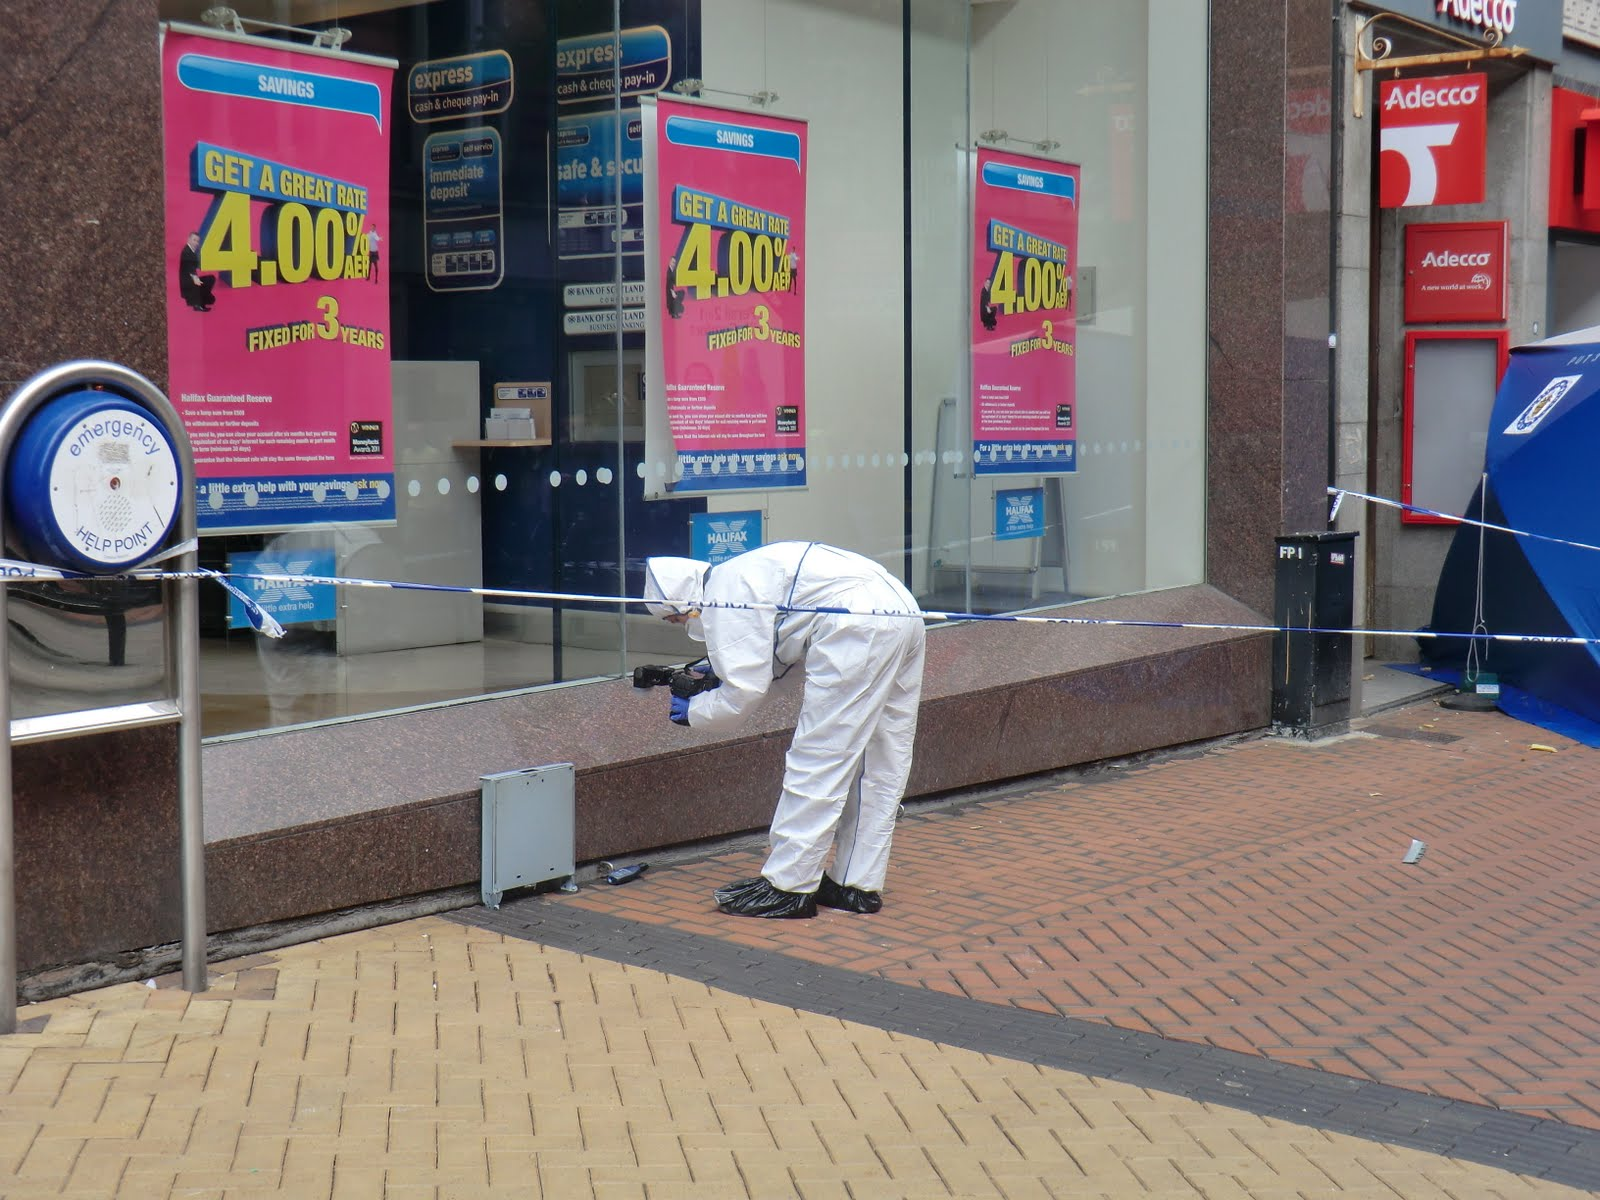 Image: Birmingham Riots 2011